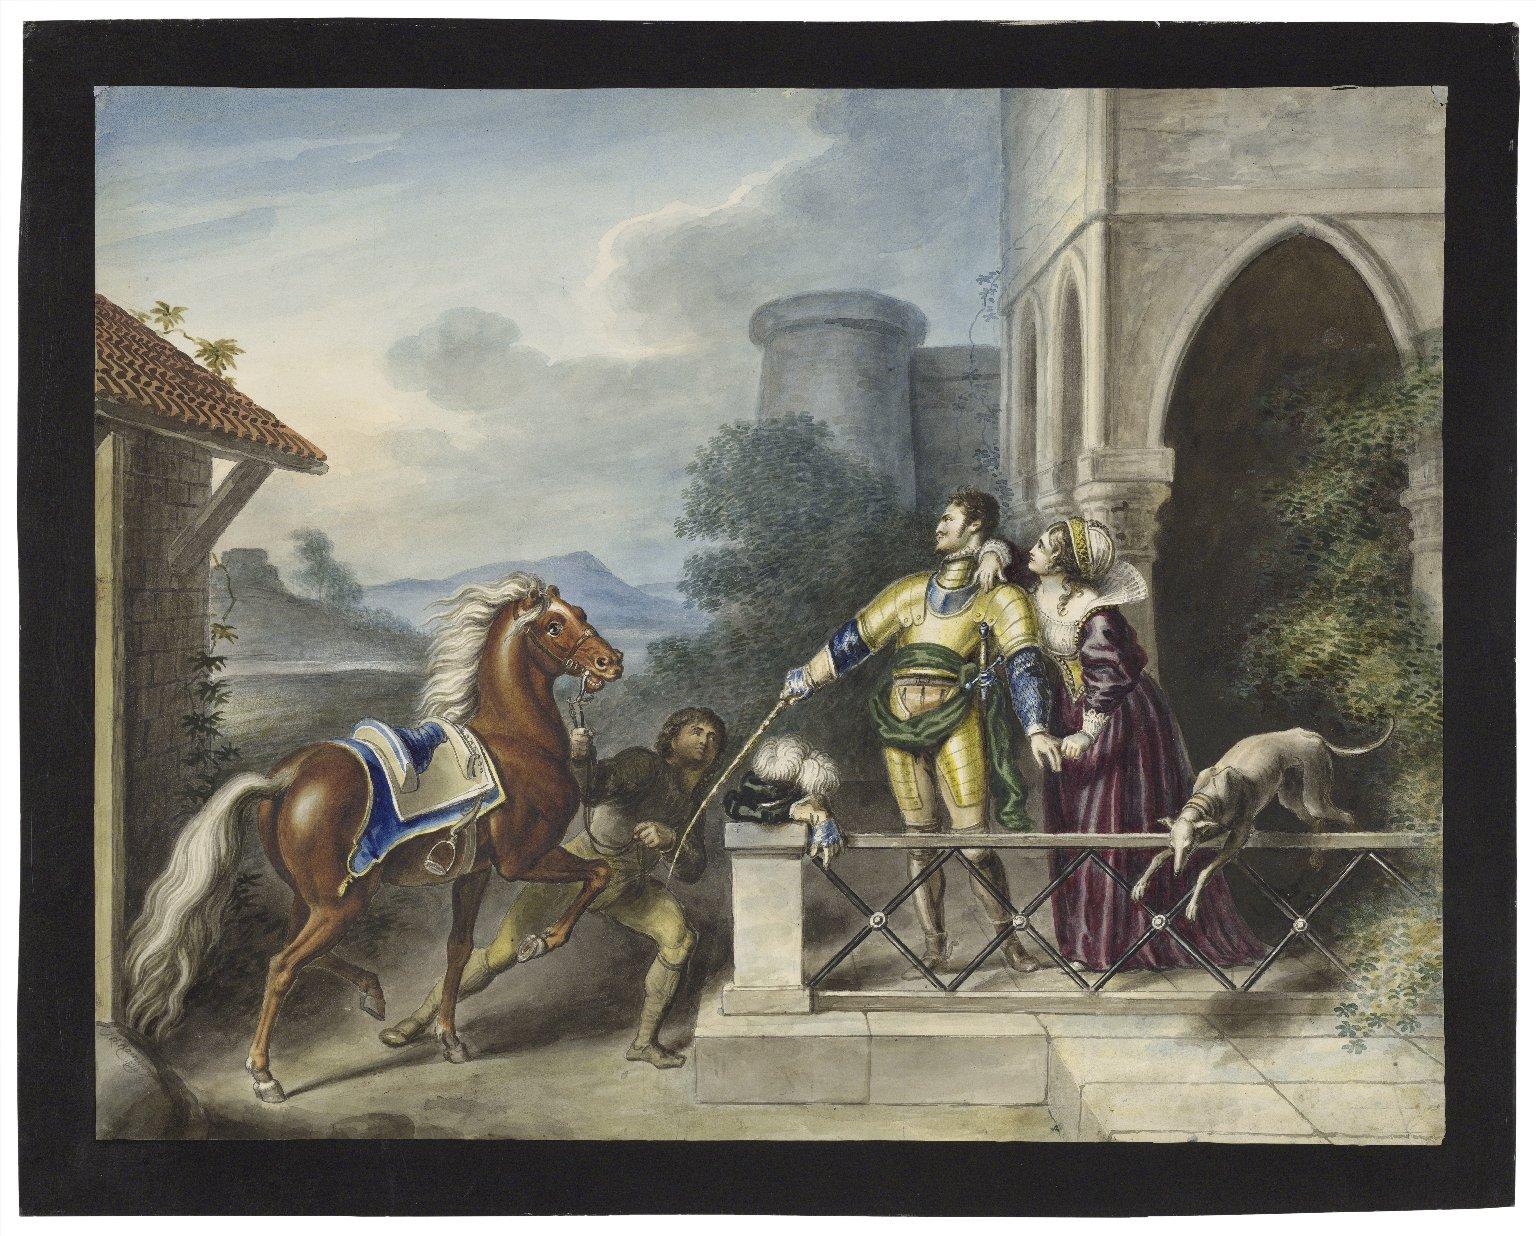 King Henry IV, pt. 1, II, 3, In faith I'll break thy little finger Harry [graphic] / [Johann Heinrich Ramberg].